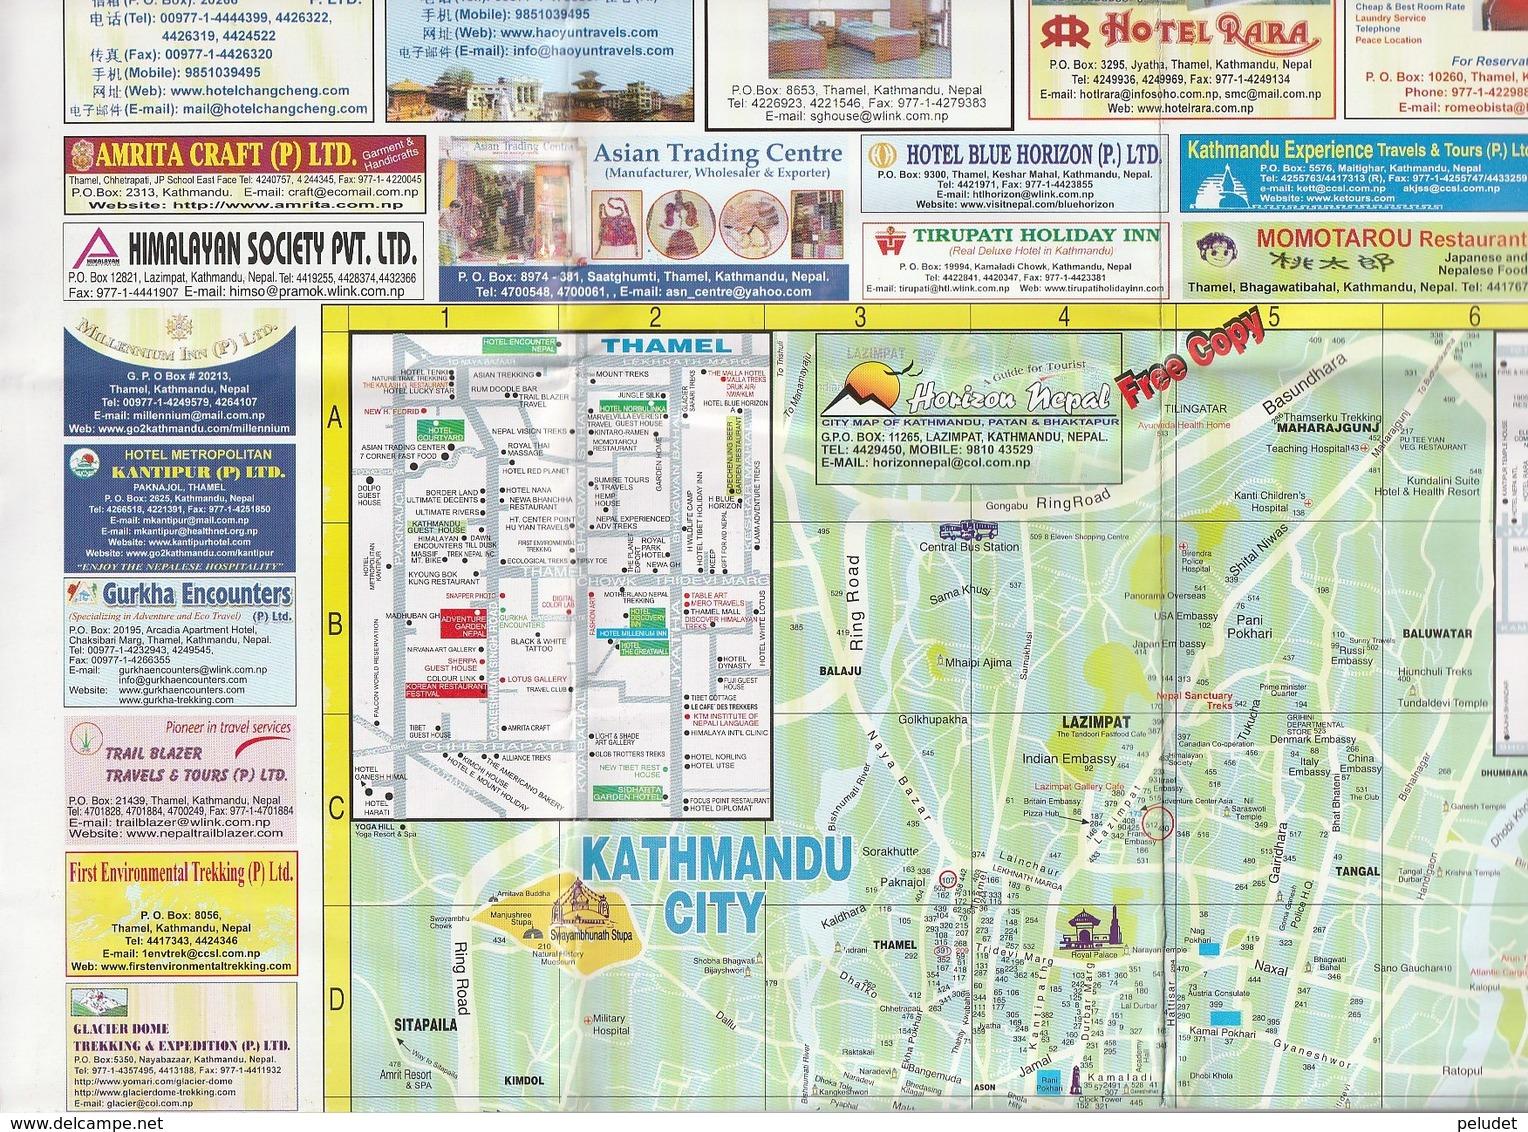 MAP - KATHMANDU CITY /  KATHMANDU VALLEY - Callejero